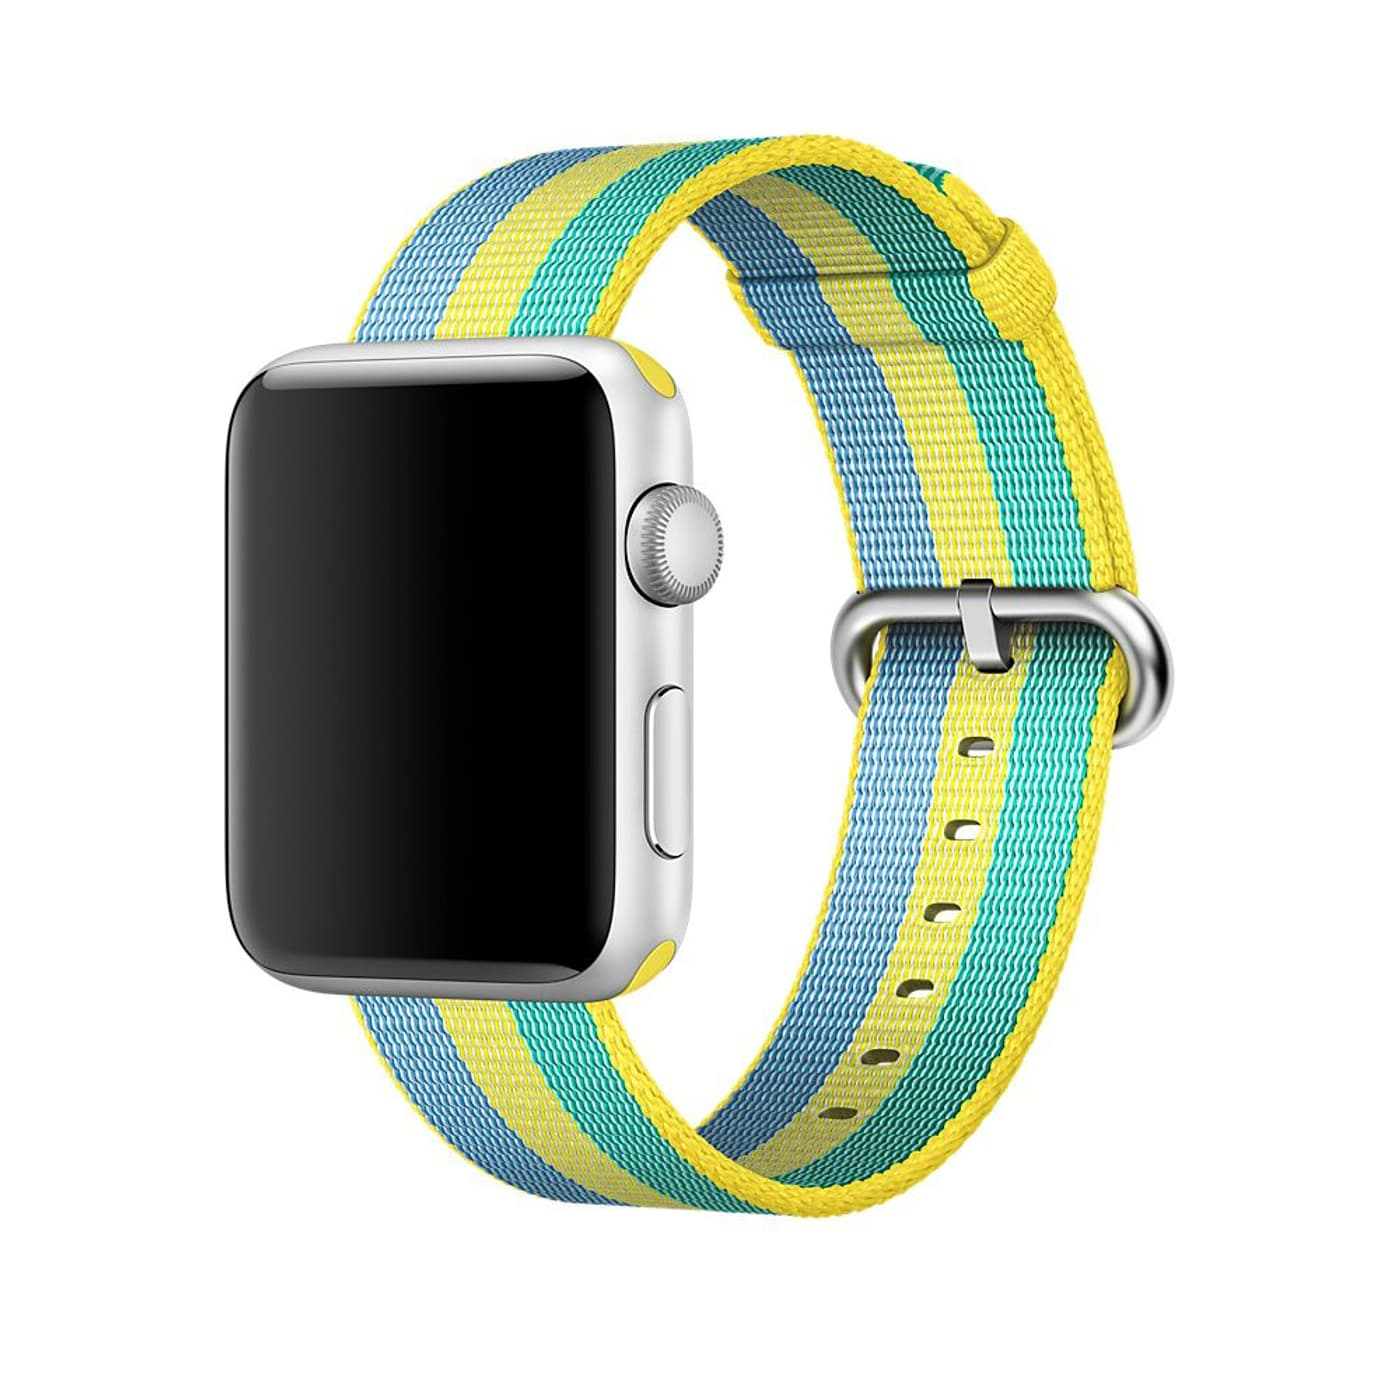 ... Apple 42mm nylon intrecciato giallo limone Cinturini ... 9a094e8dde0